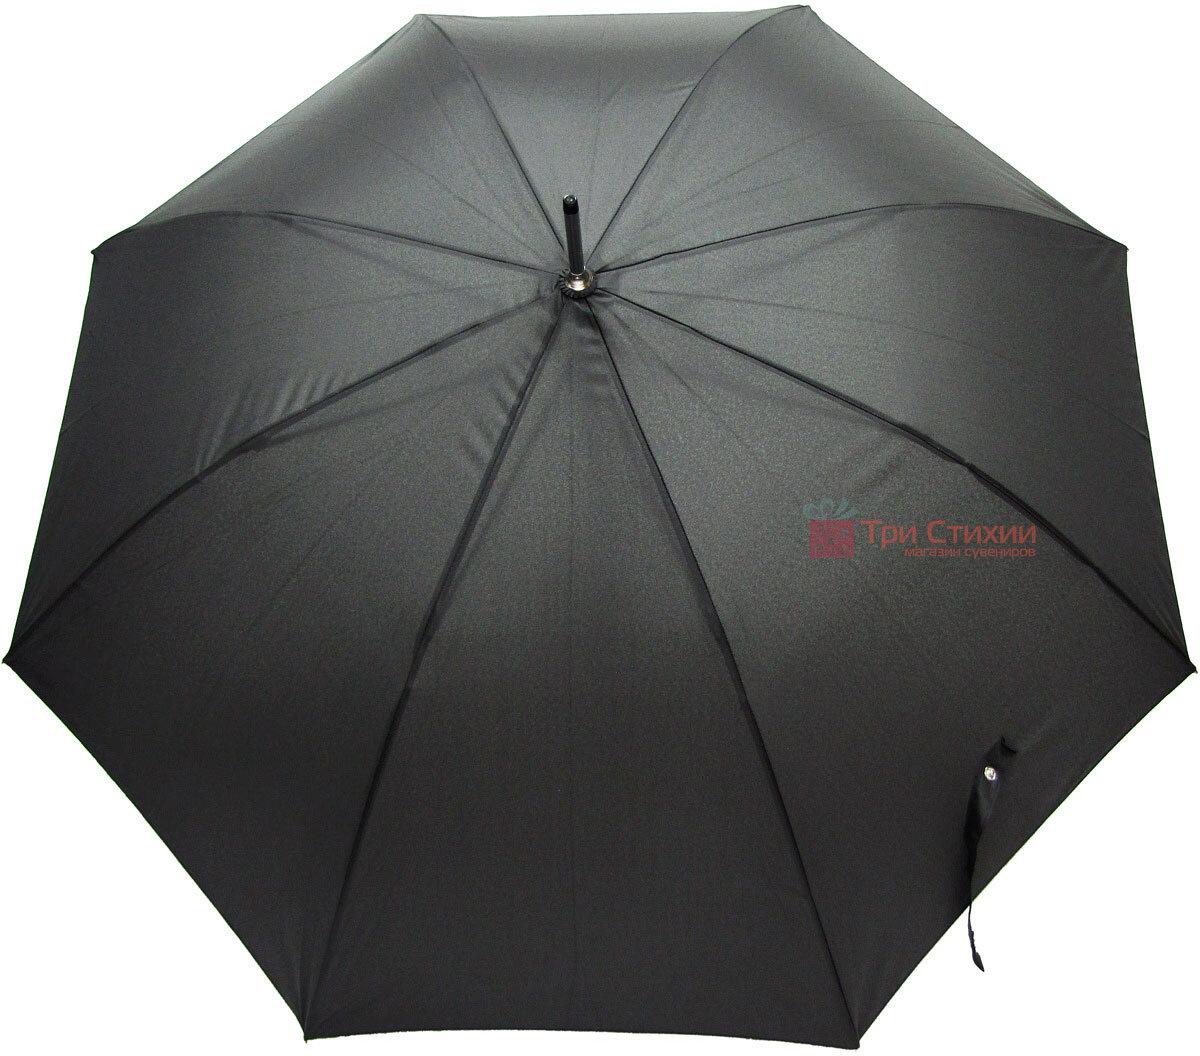 Зонт-трость Doppler 740167-3 полуавтомат Черный, фото